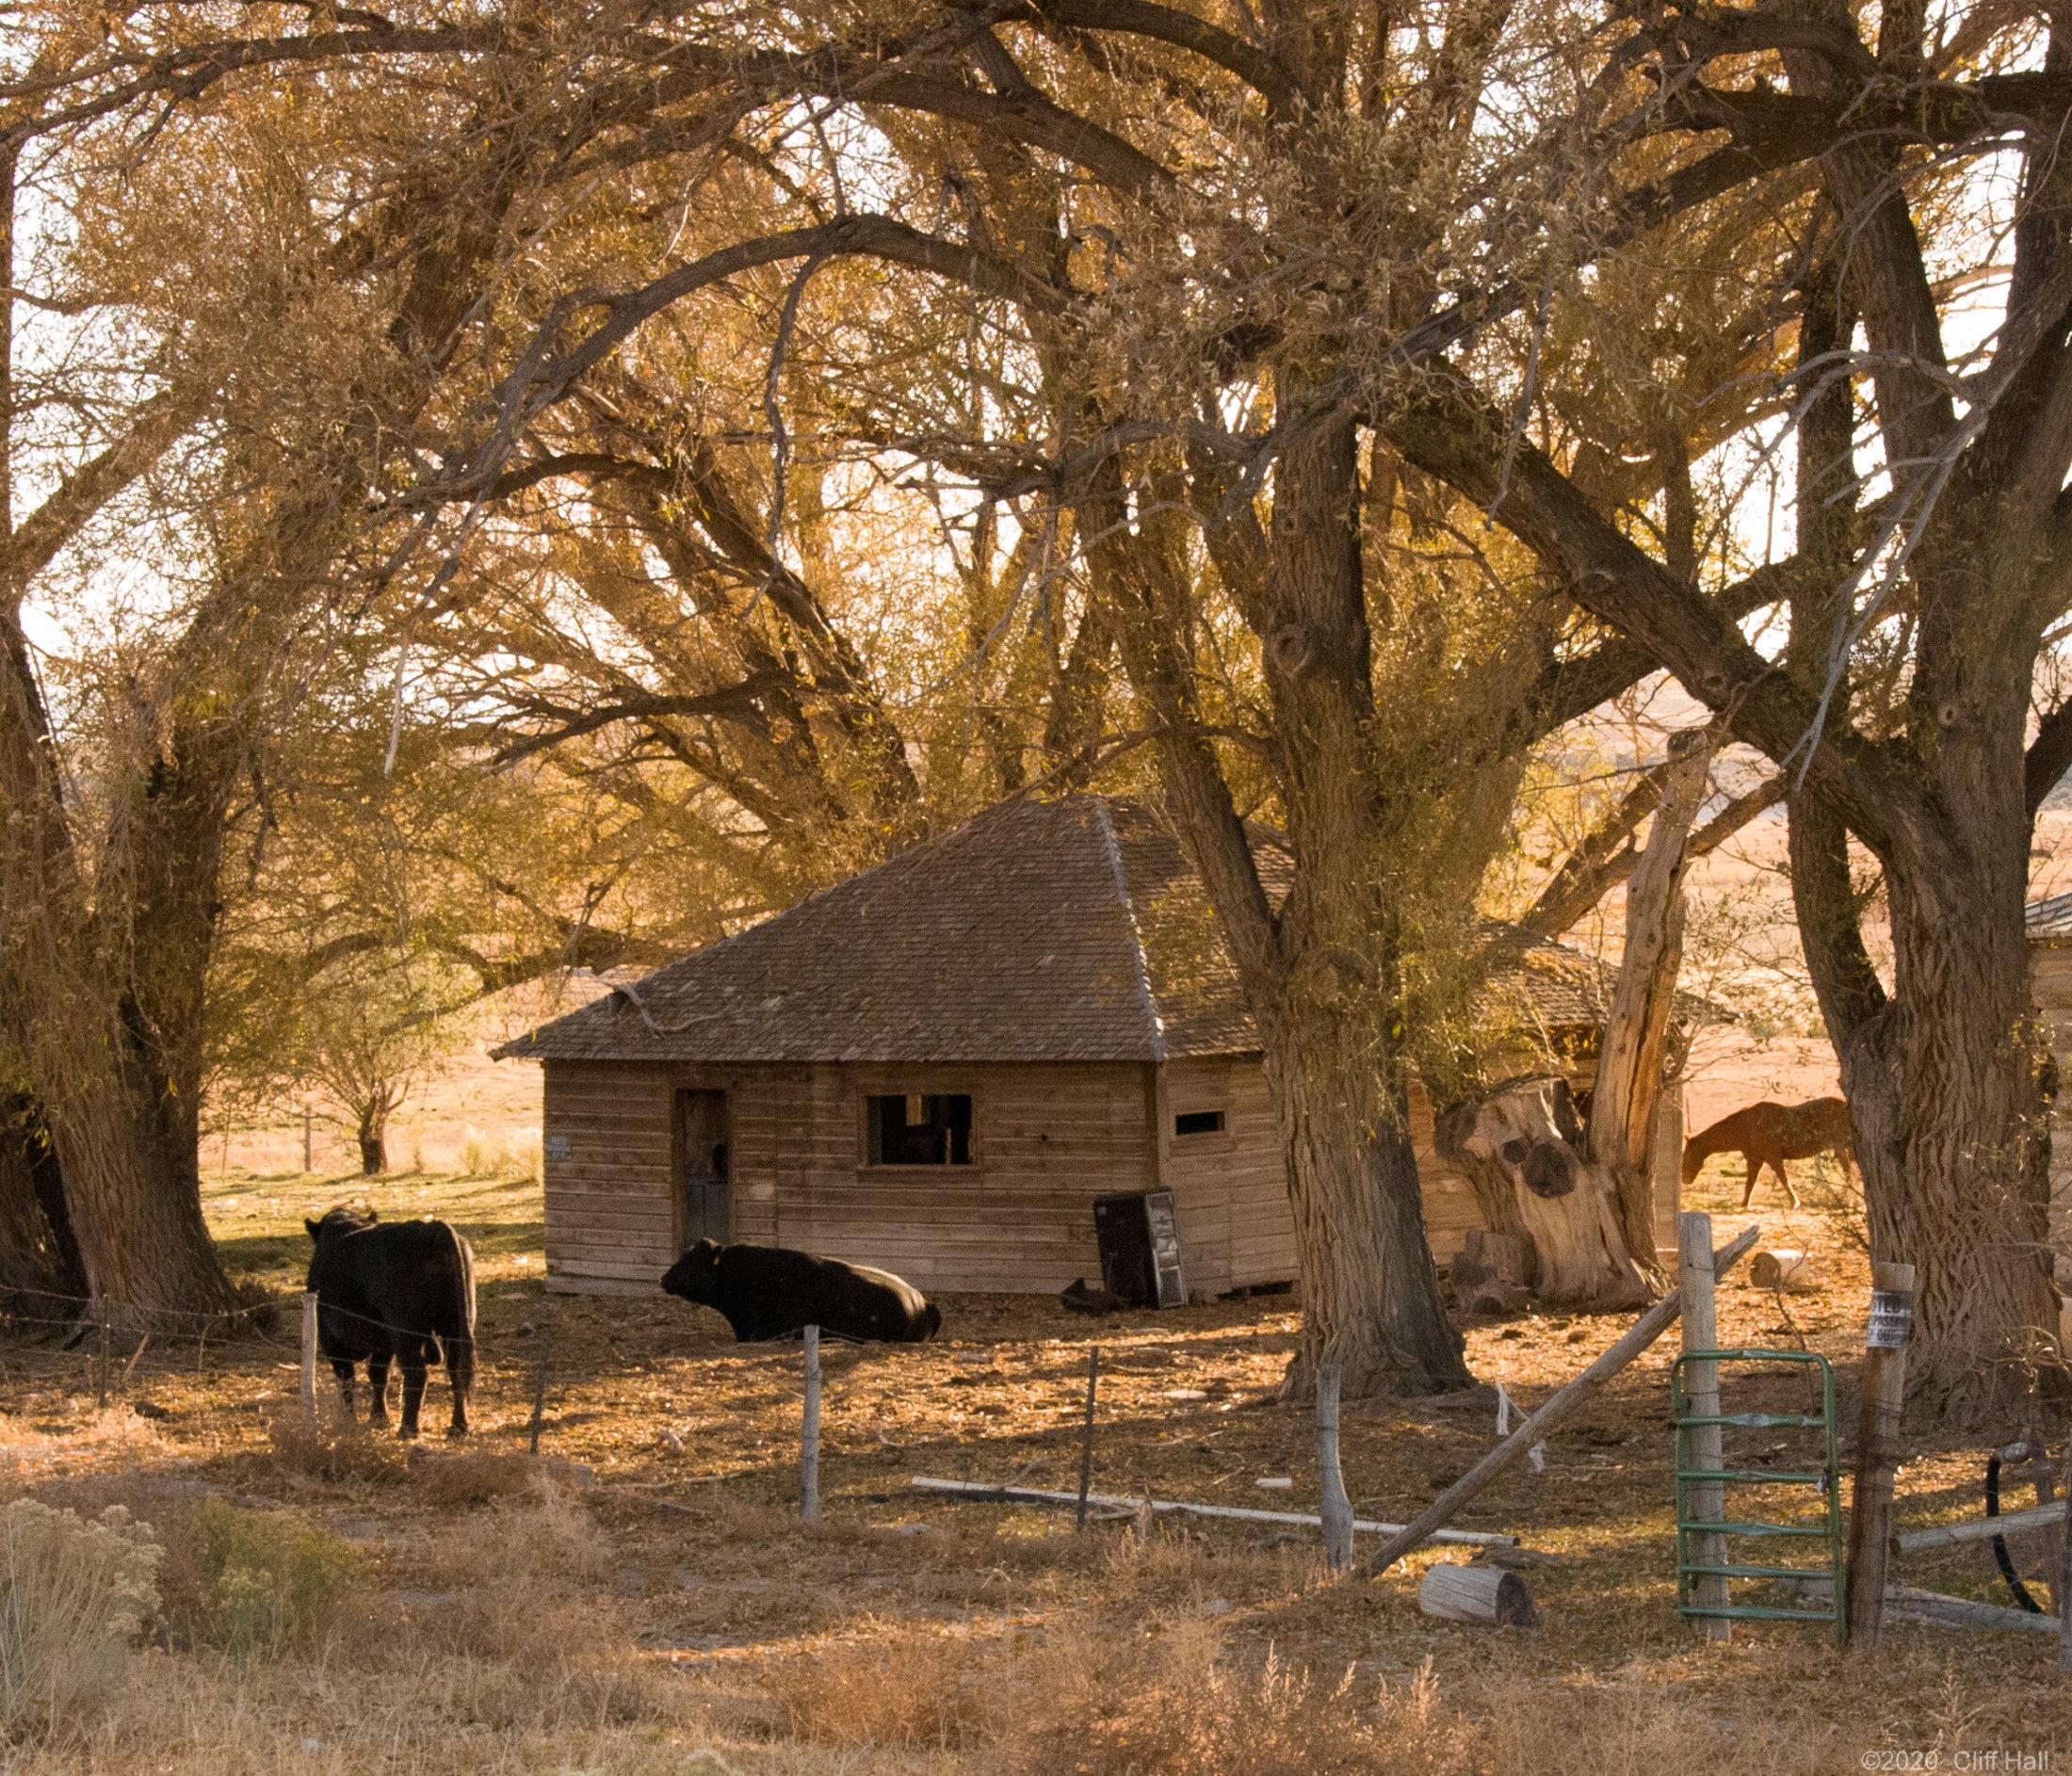 Little Animal House on the Prairie